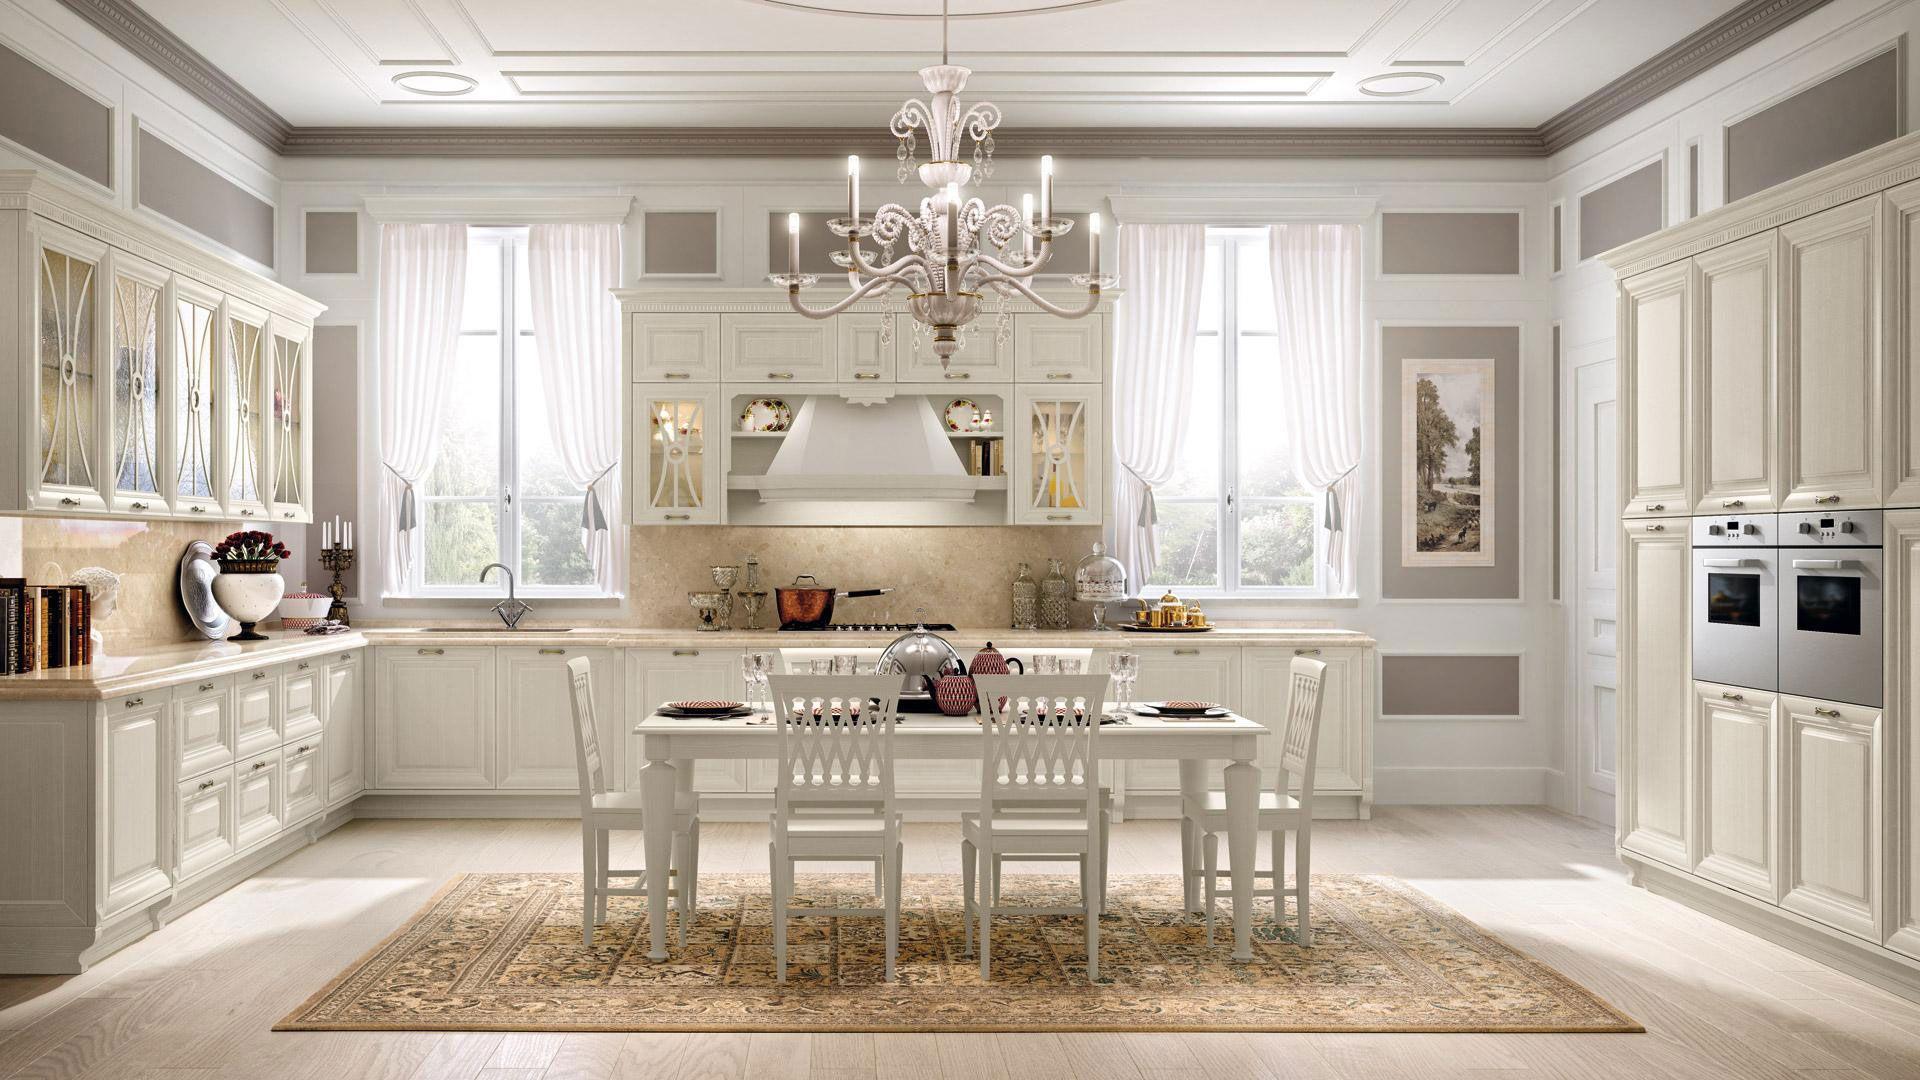 Cucine classiche Lube - Modello Pantheon #25 | Perego Arredamenti ...